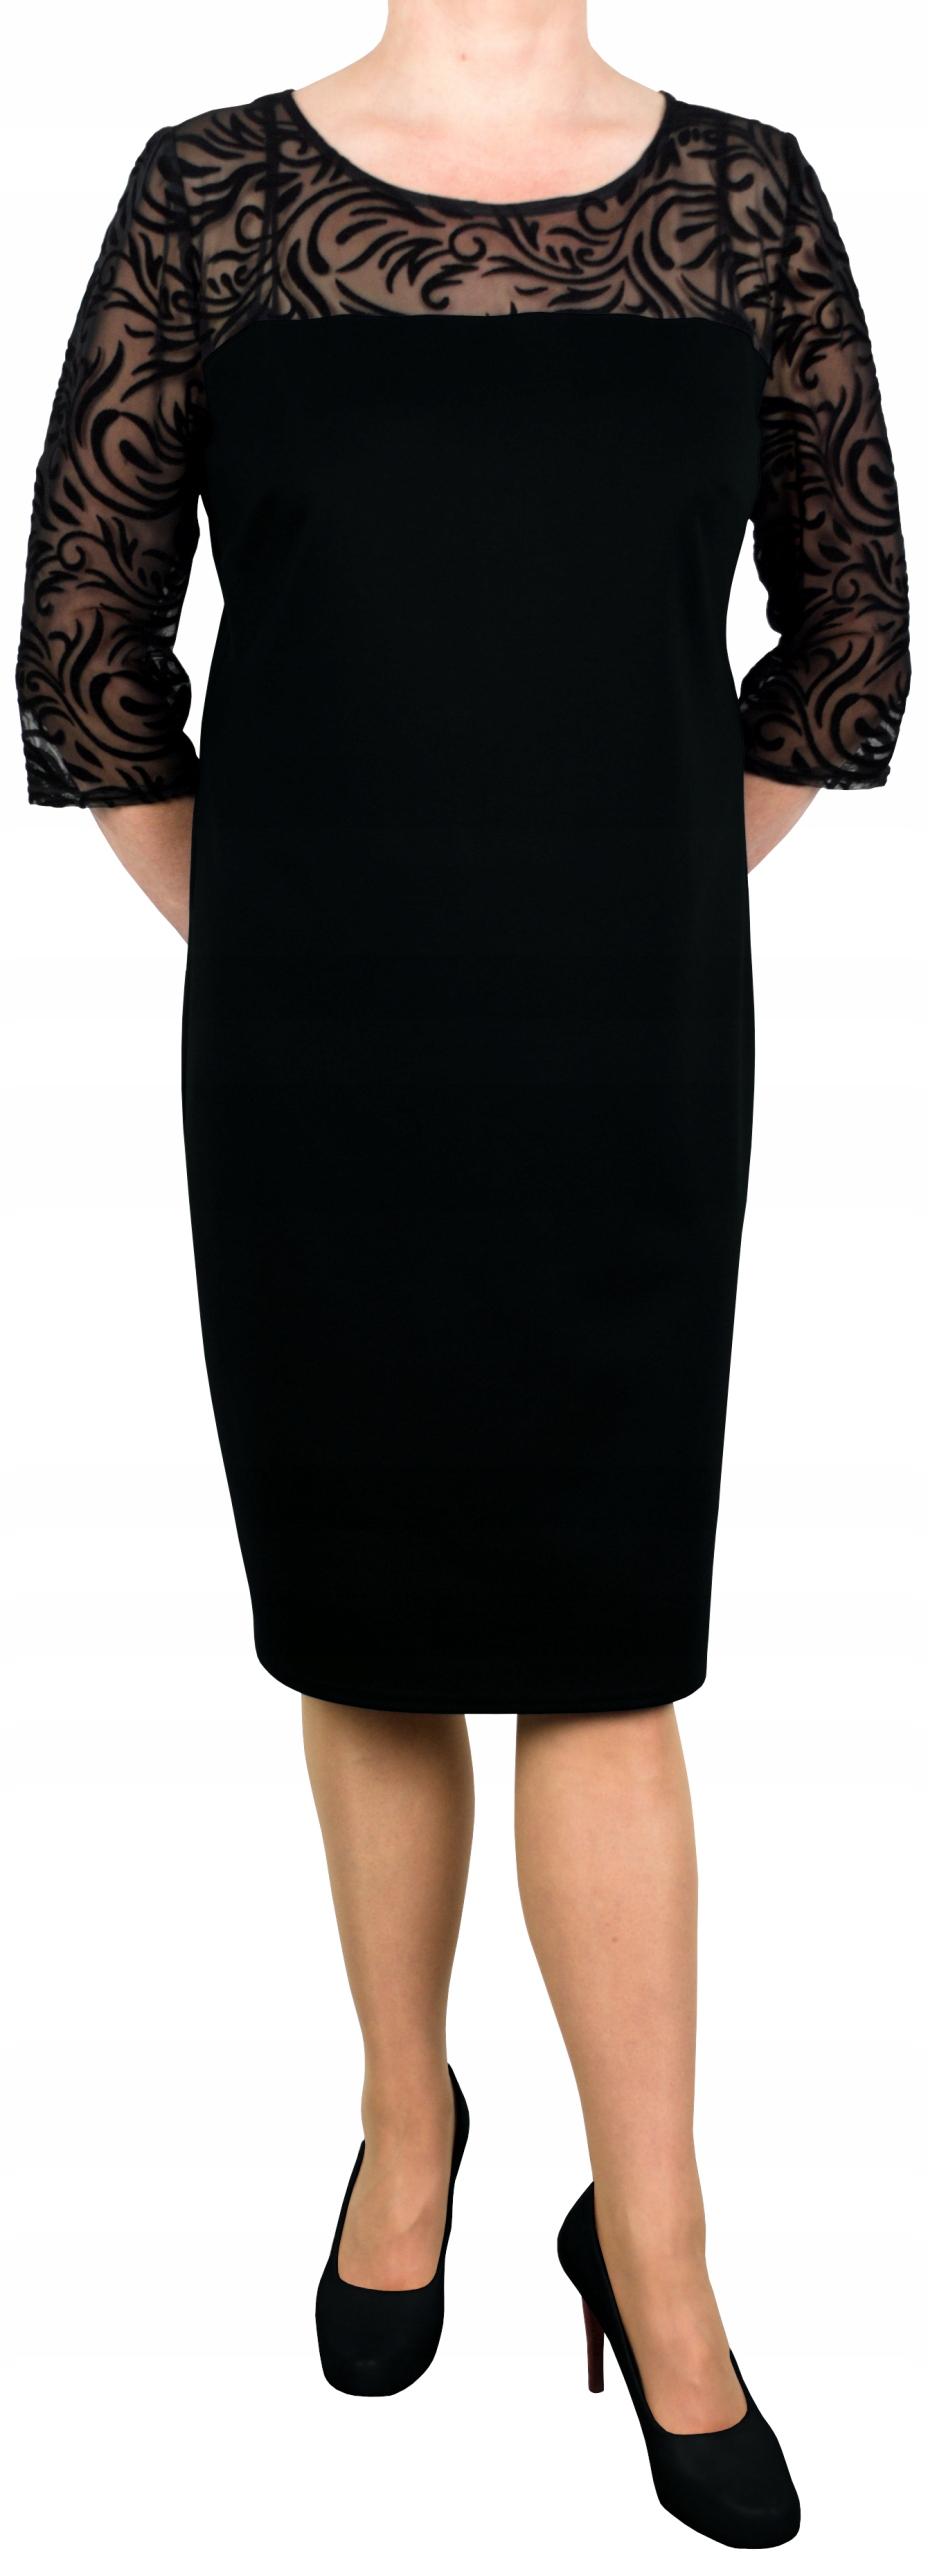 Sukienka elegancka dresowa dzianina tiul czarna 42